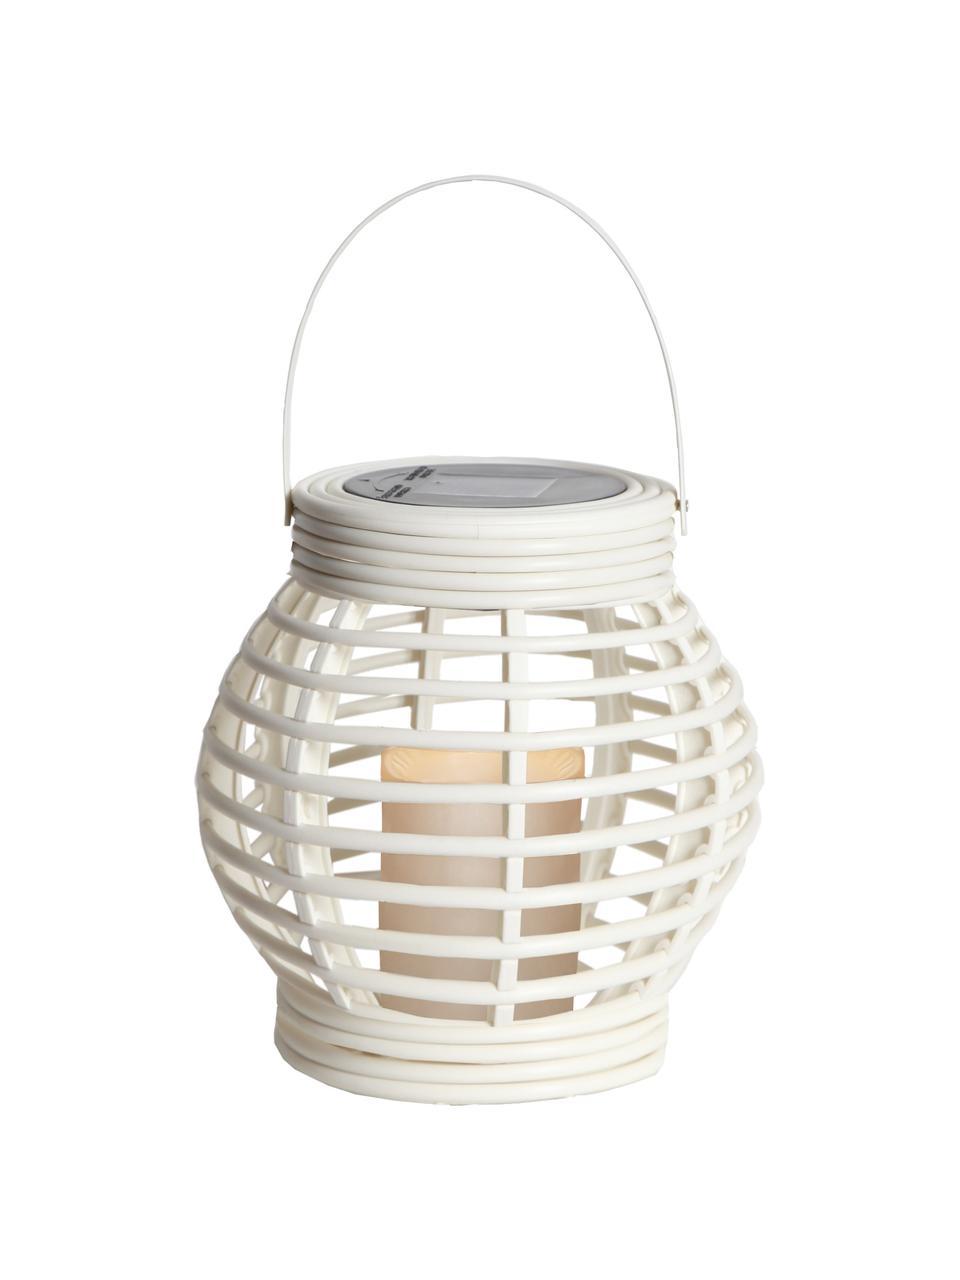 Solární LED svíčka Lantern, Bílá